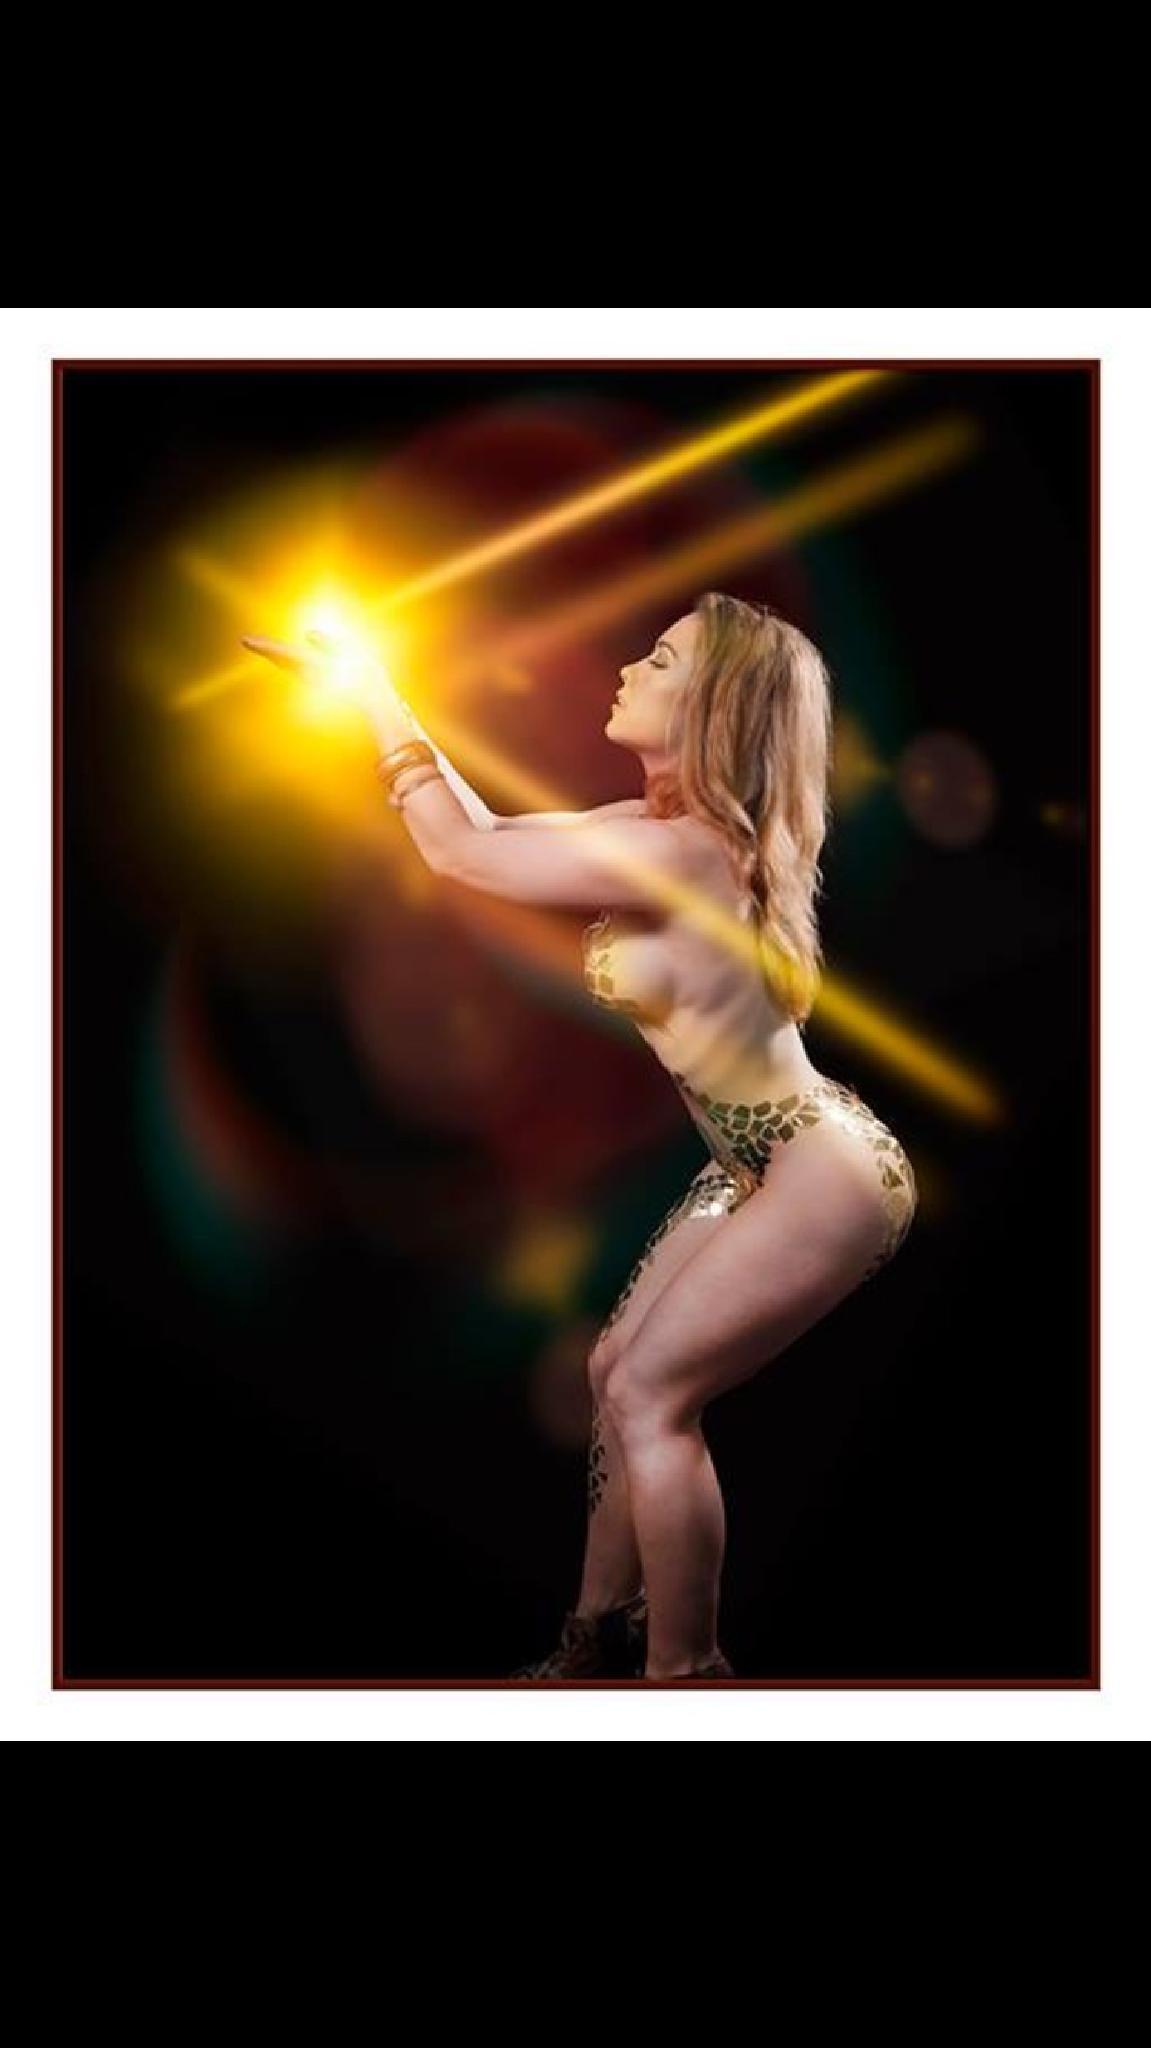 Gold light by Glenn Balsam